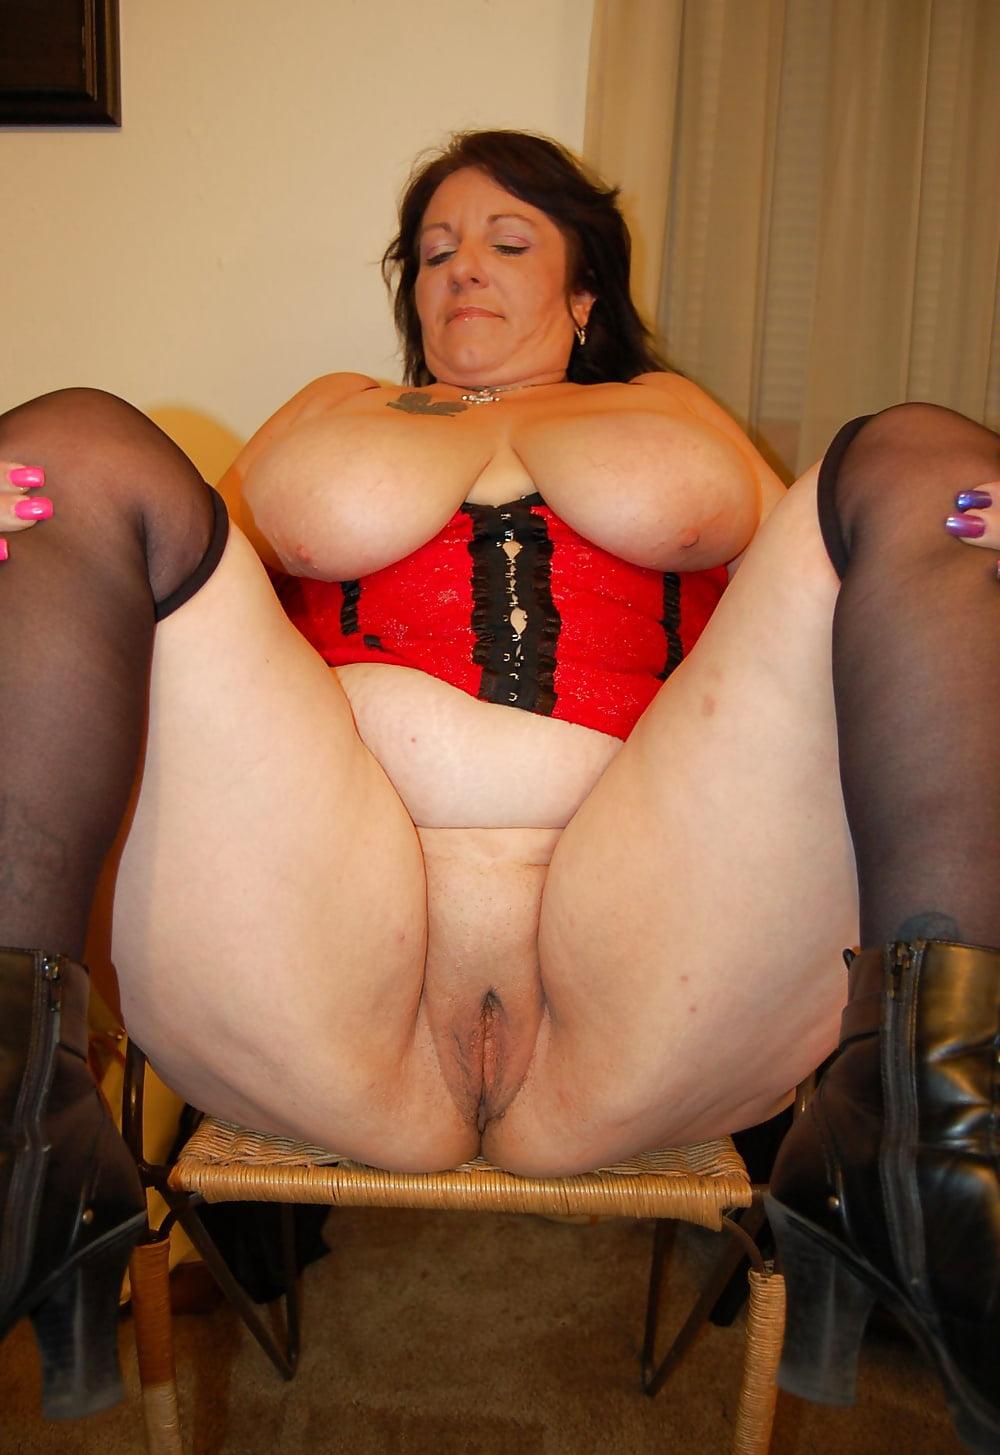 Страпон рот порно с толстыми дамами в возрасте мастурбация порно